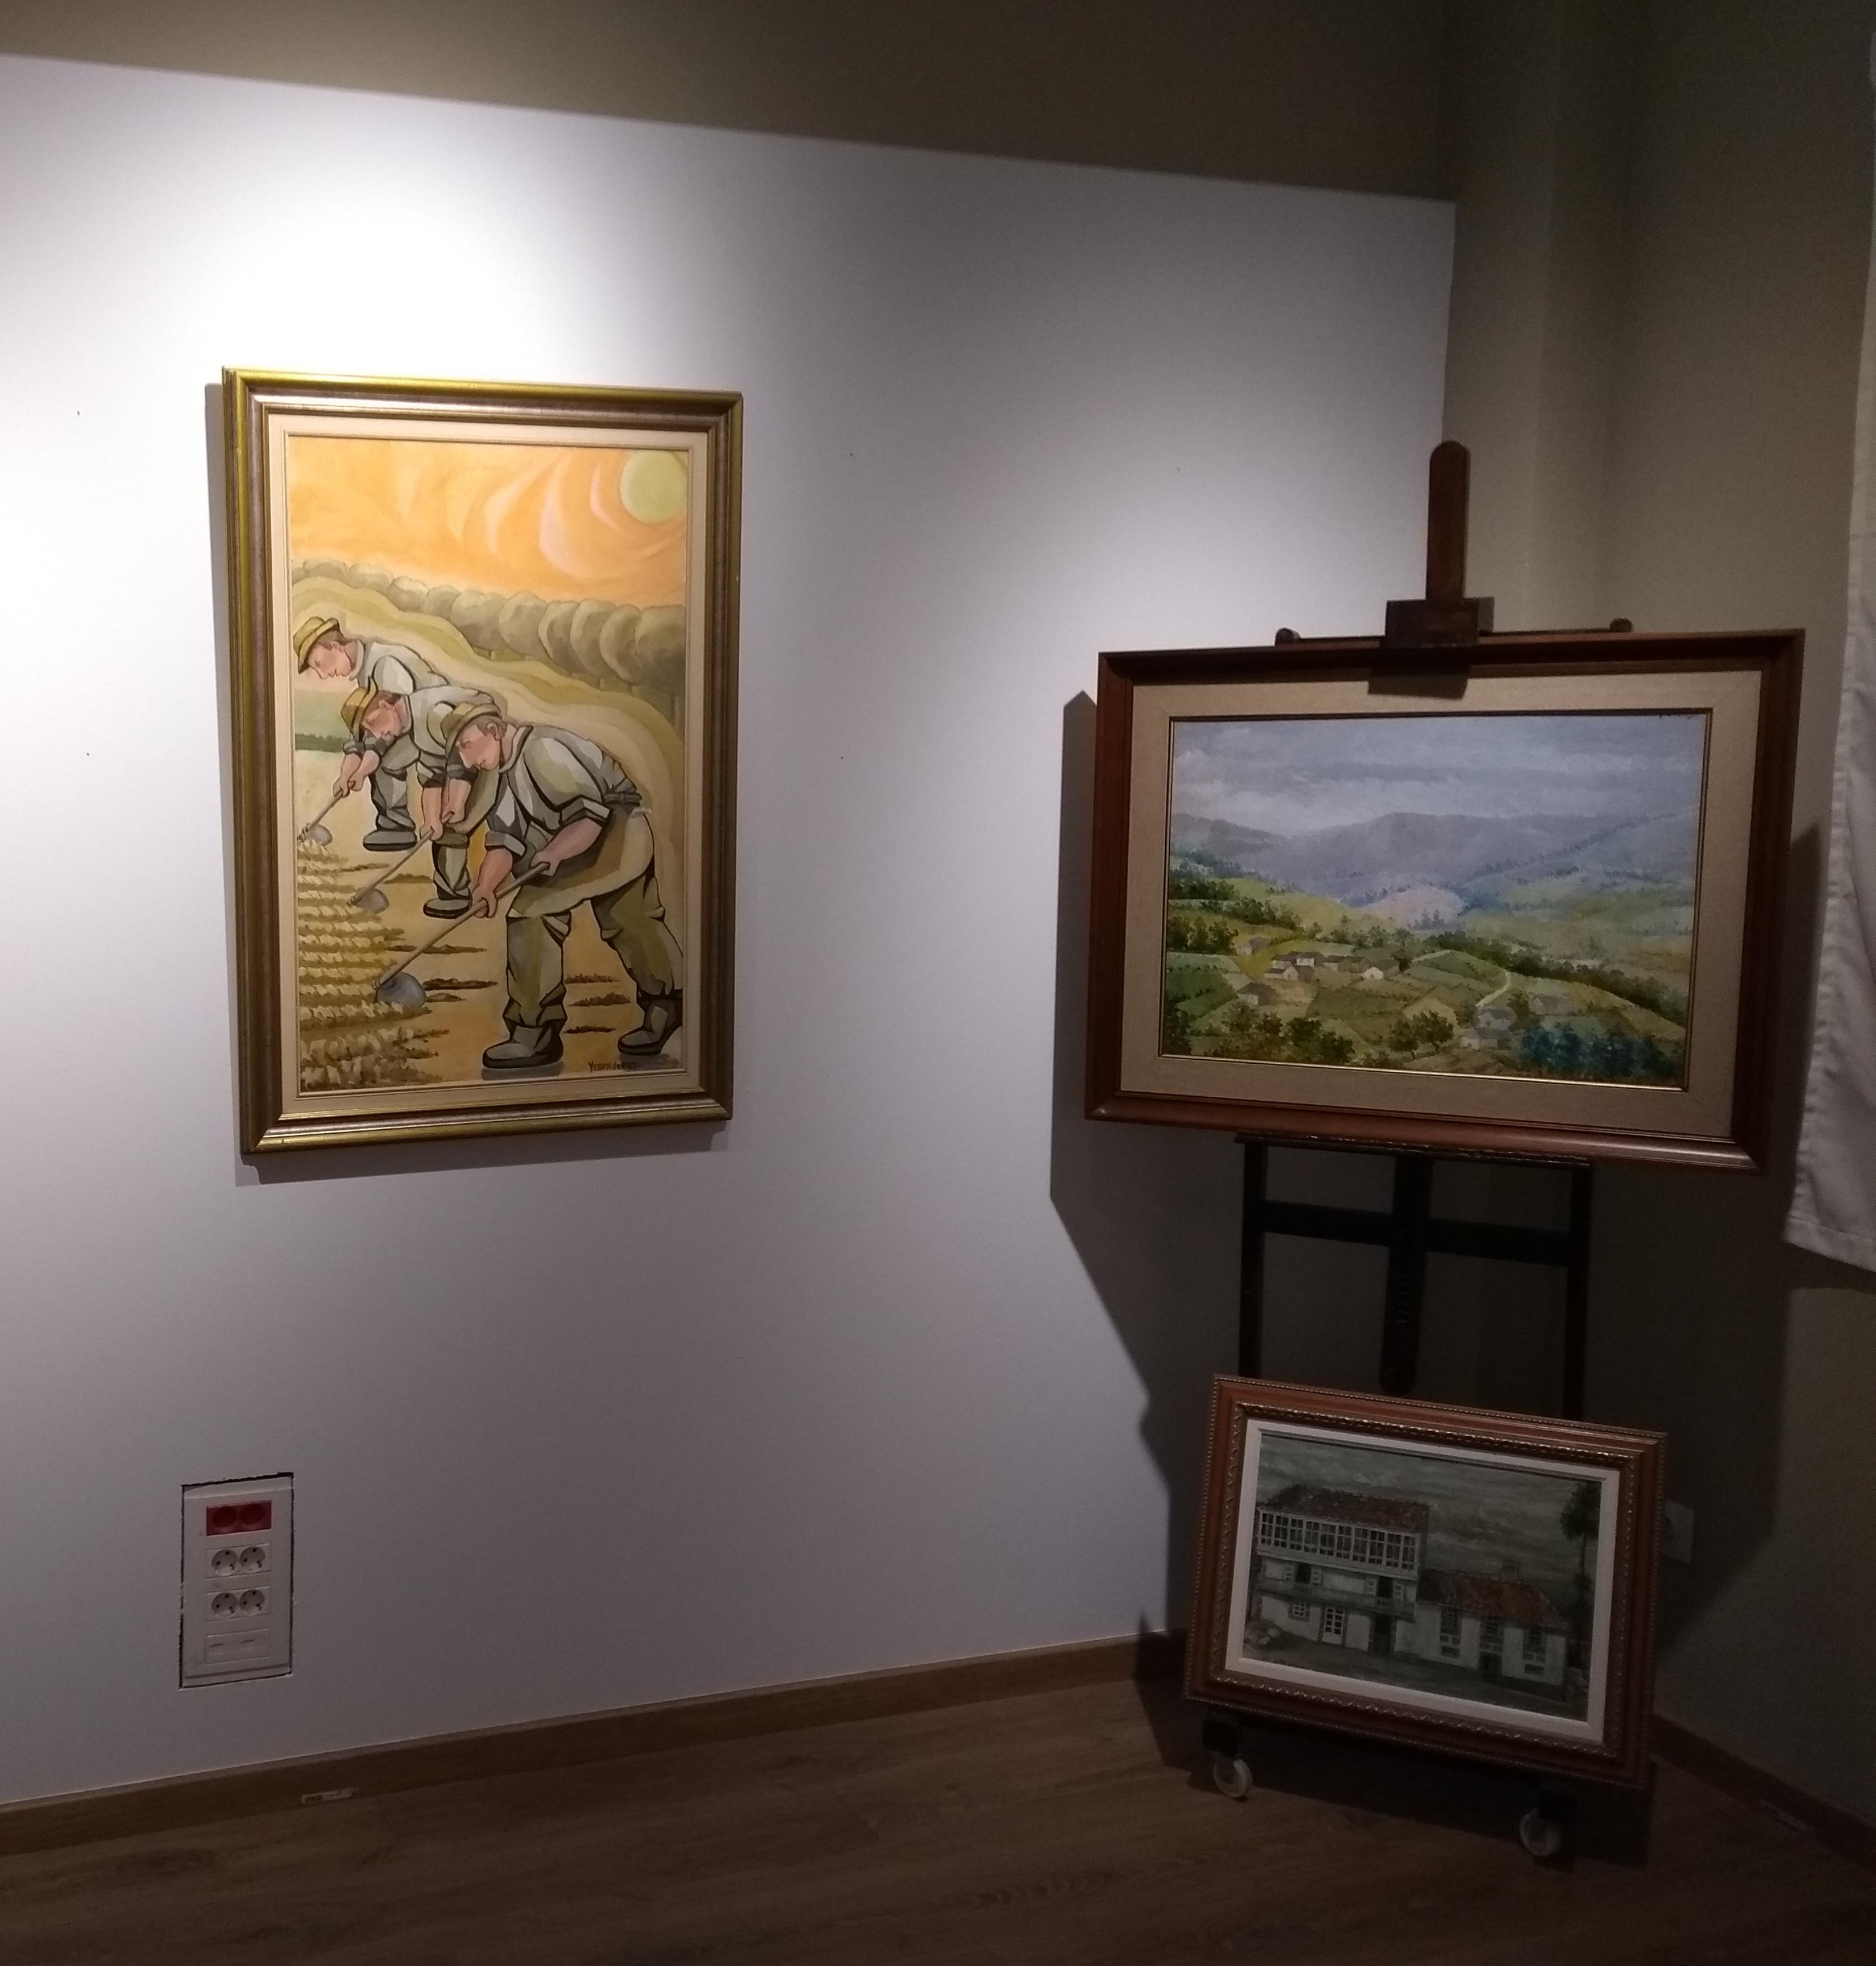 exposición Yebra de Ares, sala do Instituto de estudos Ulloáns